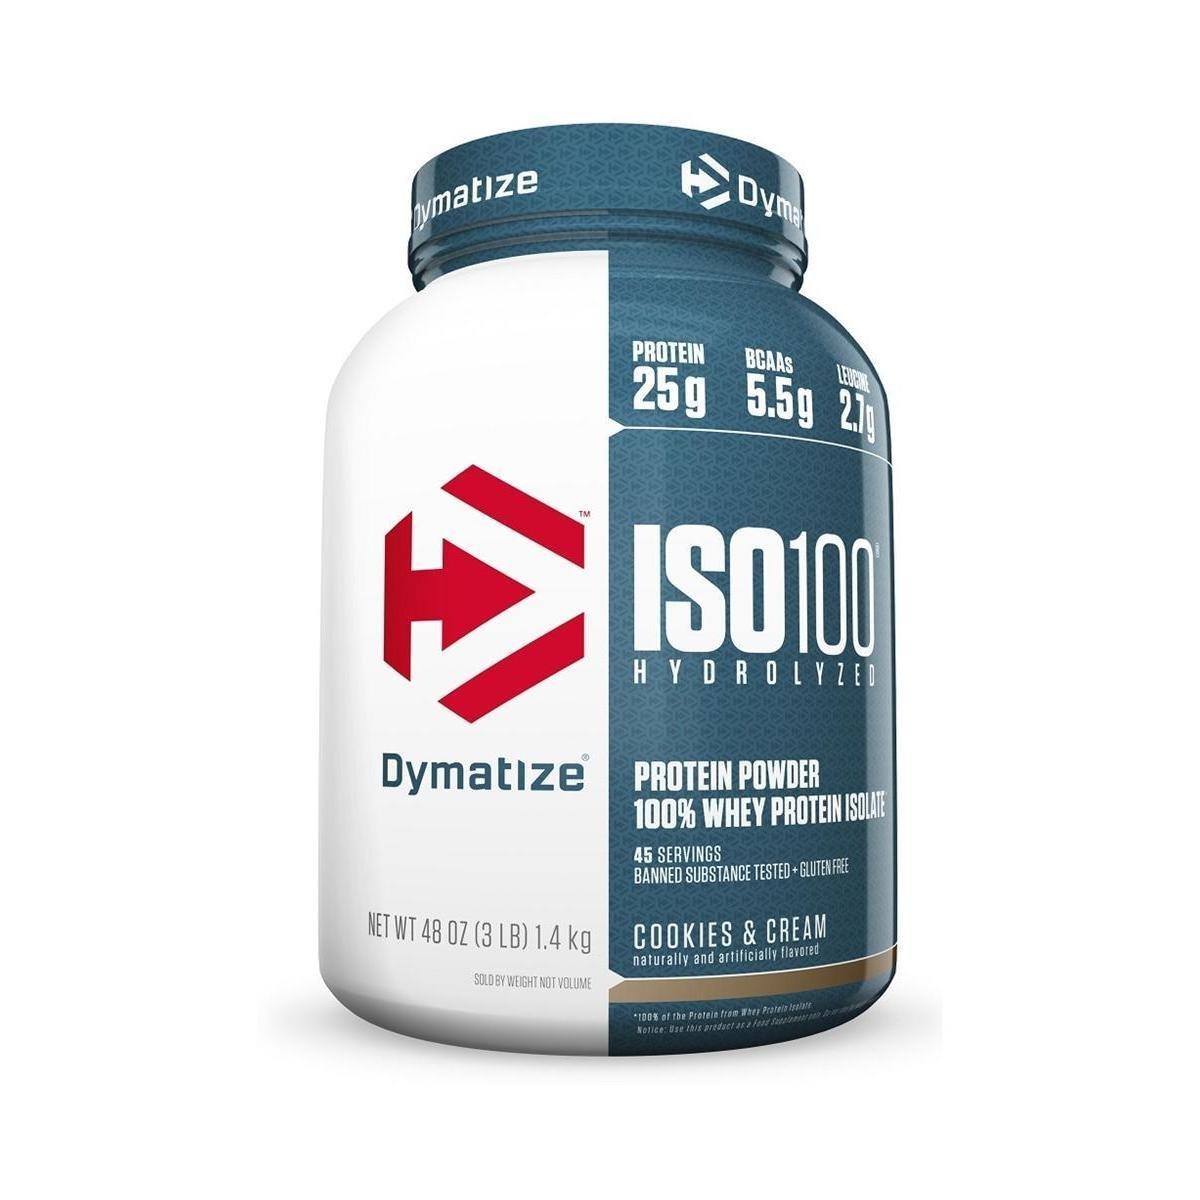 ISO 100 WHEY PROTEIN ISOLADO HYDROLYZED 1,4KG (3 LBS) - DYMATIZE